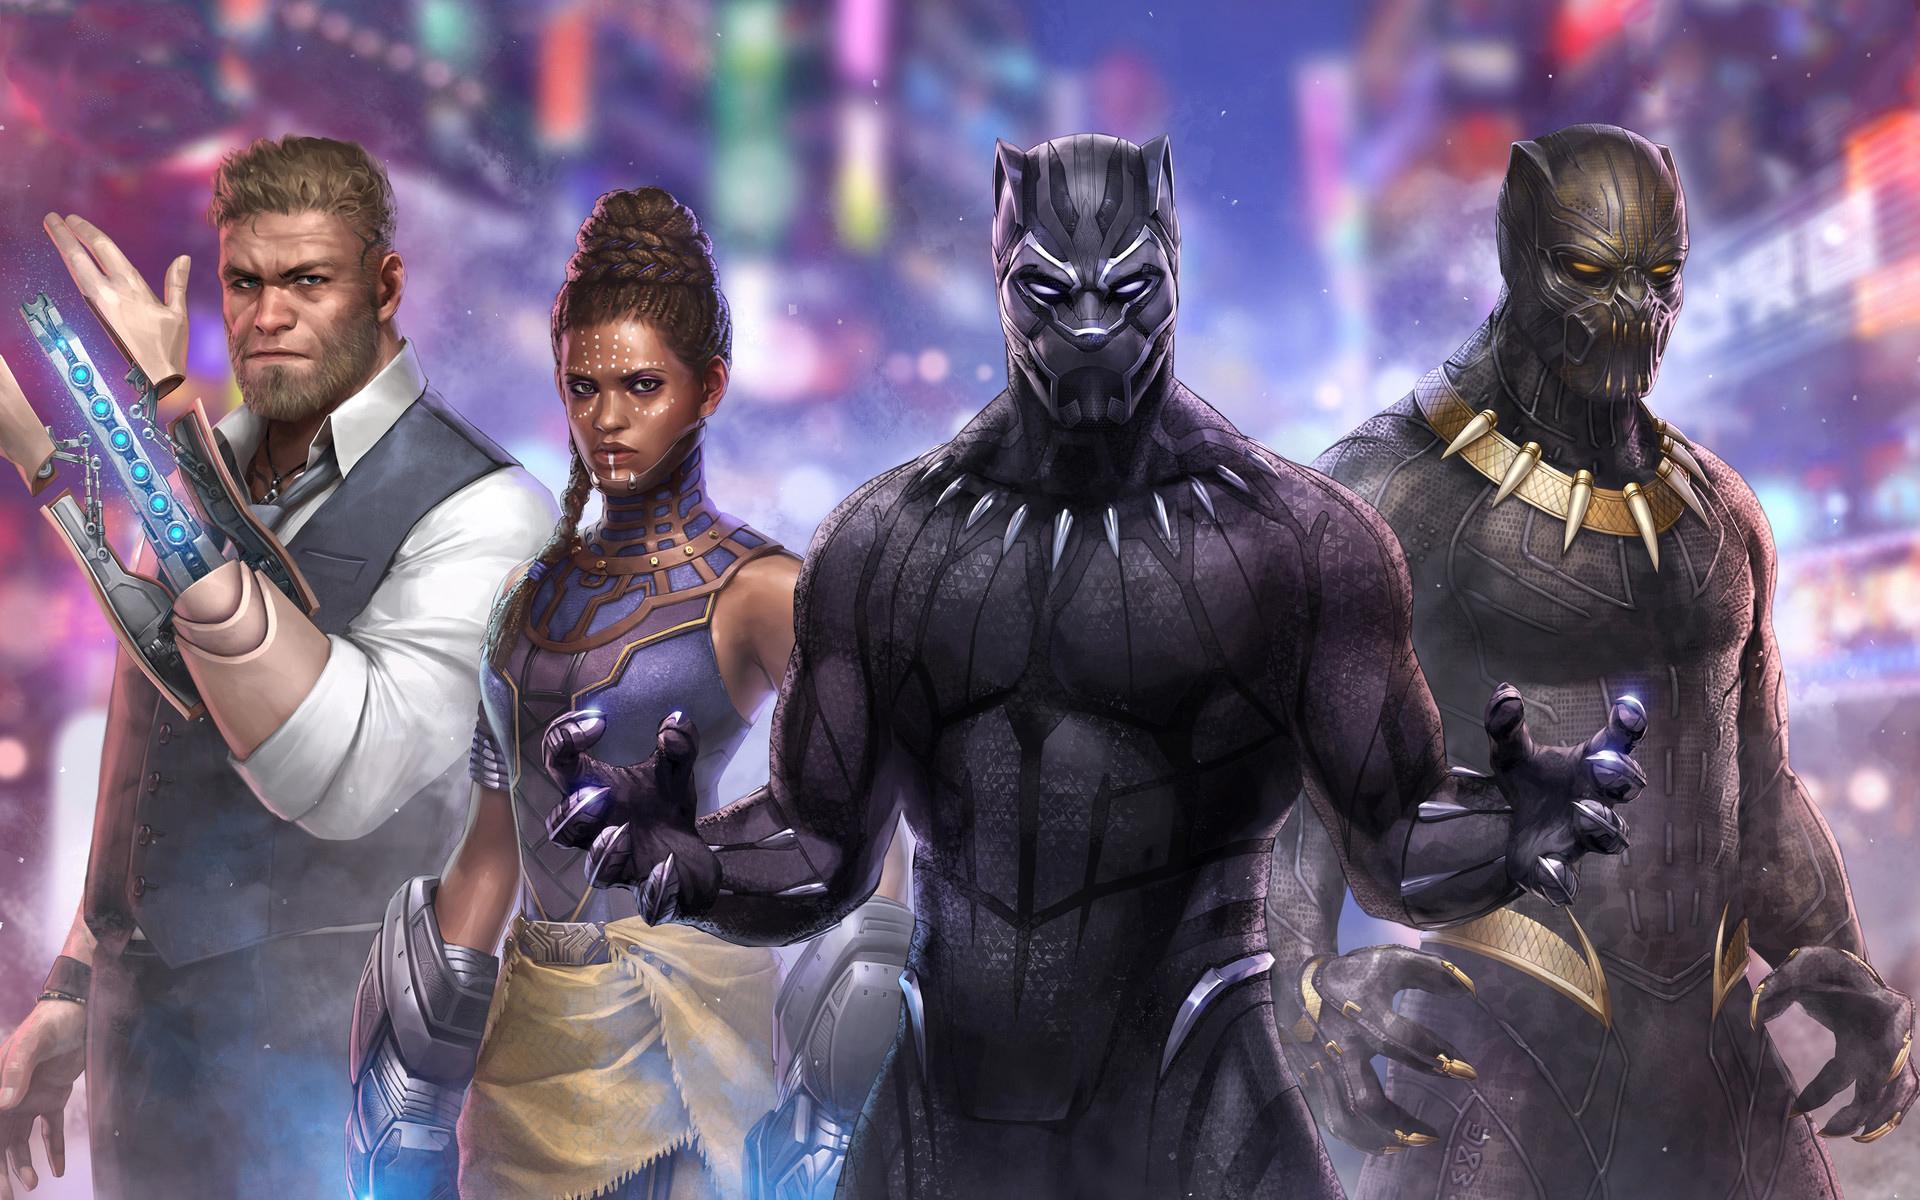 Черная пантера Марвел битва будущего произведения искусства обои скачать